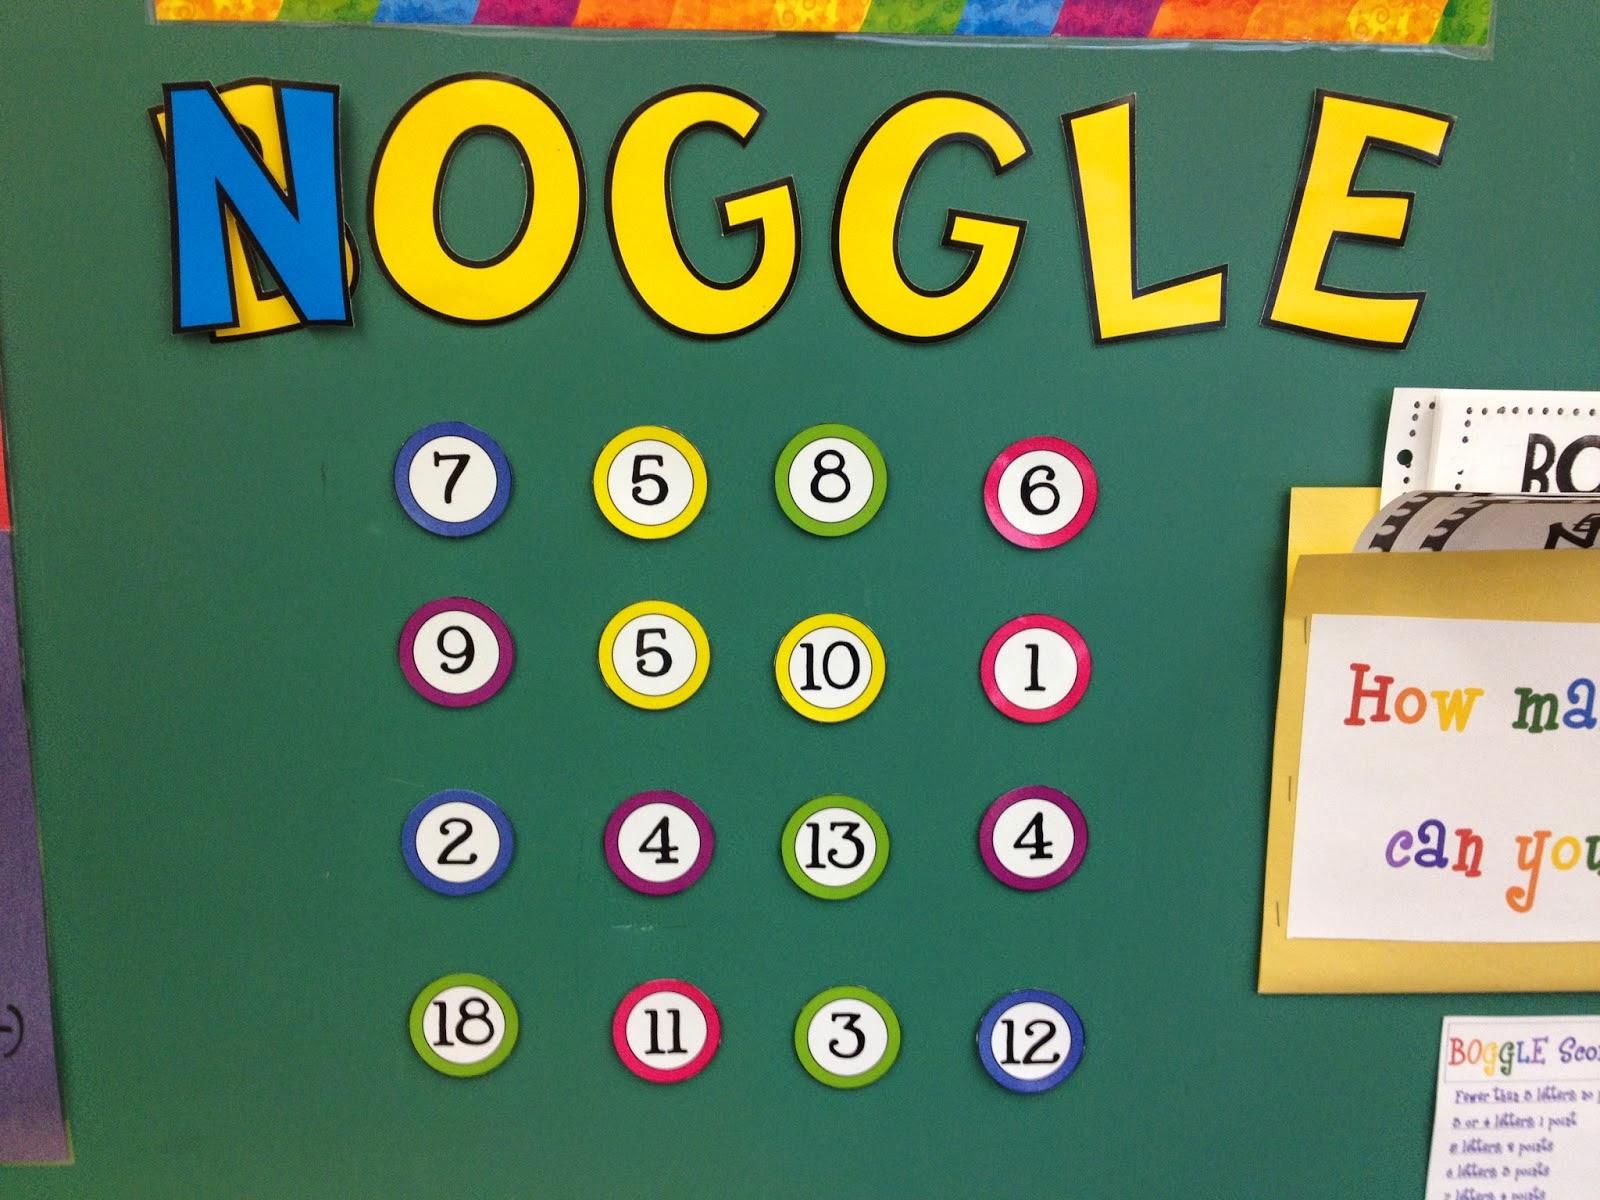 c510677e9808 Anche nel mondo dei videogame abbiamo apparizioni e citazioni dei Noggle